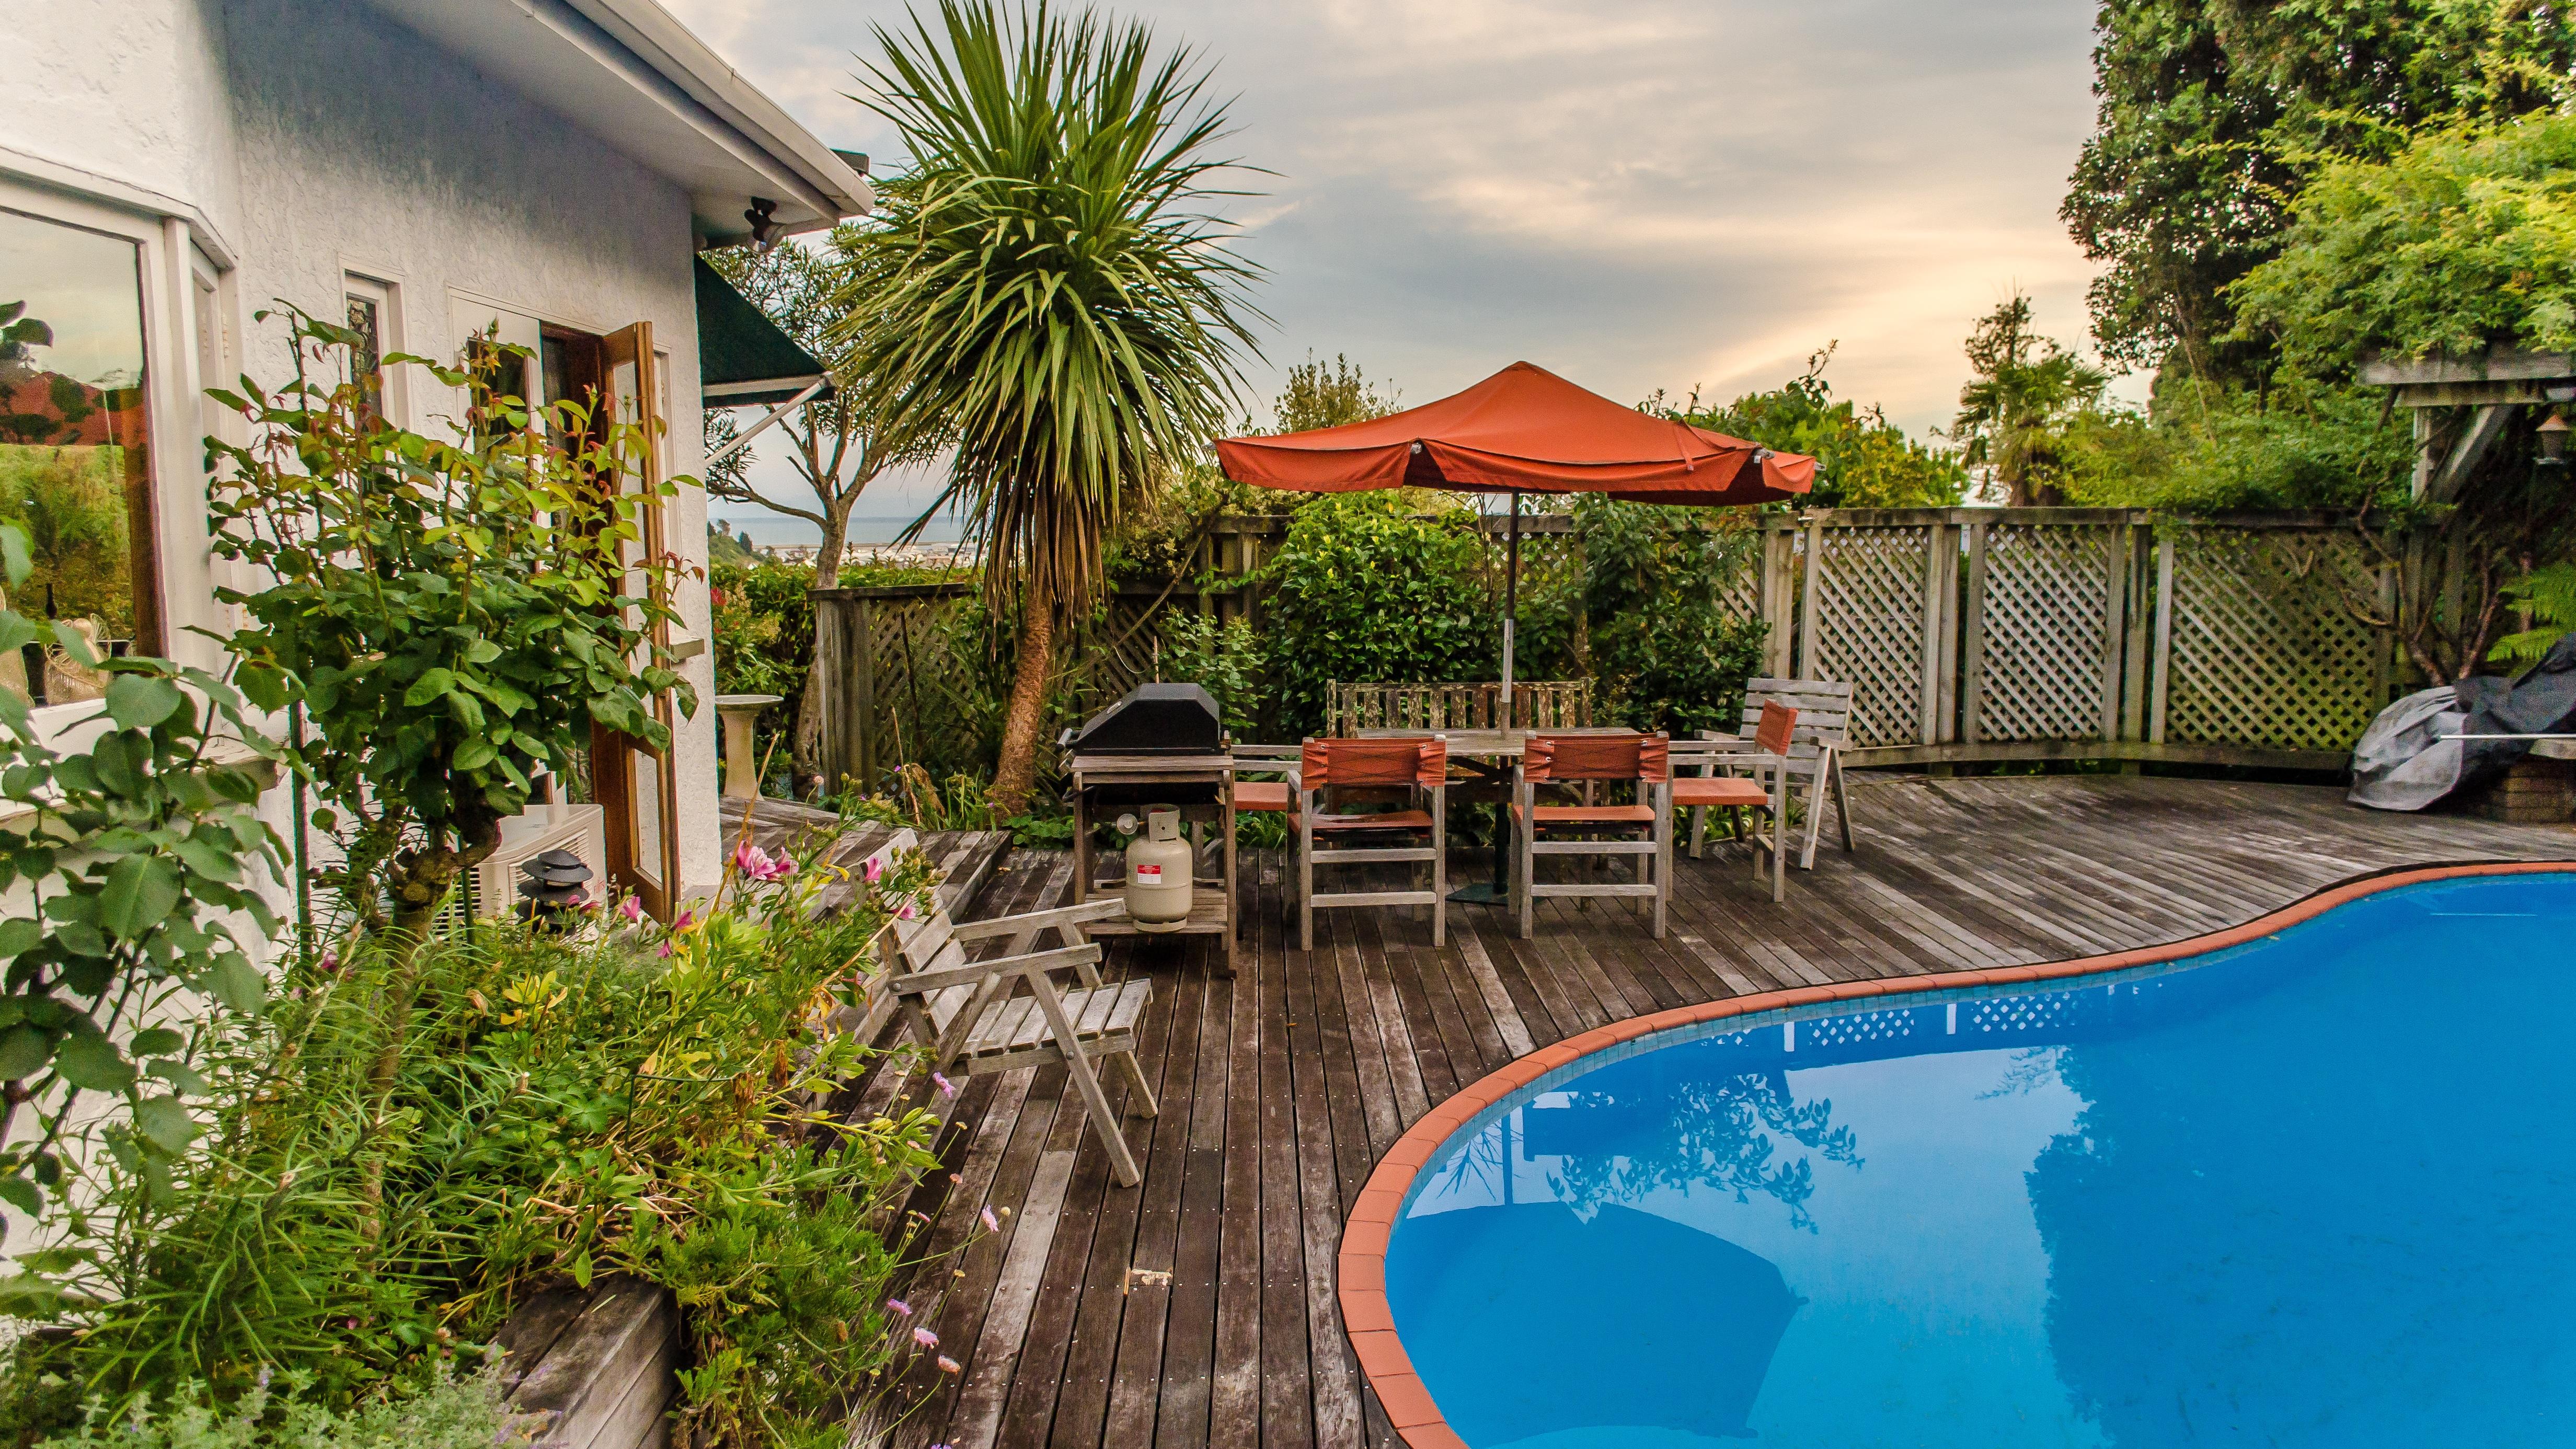 Fotos gratis villa casa verano vacaciones piscina caba a patio interior propiedad - Ley propiedad horizontal patio interior ...